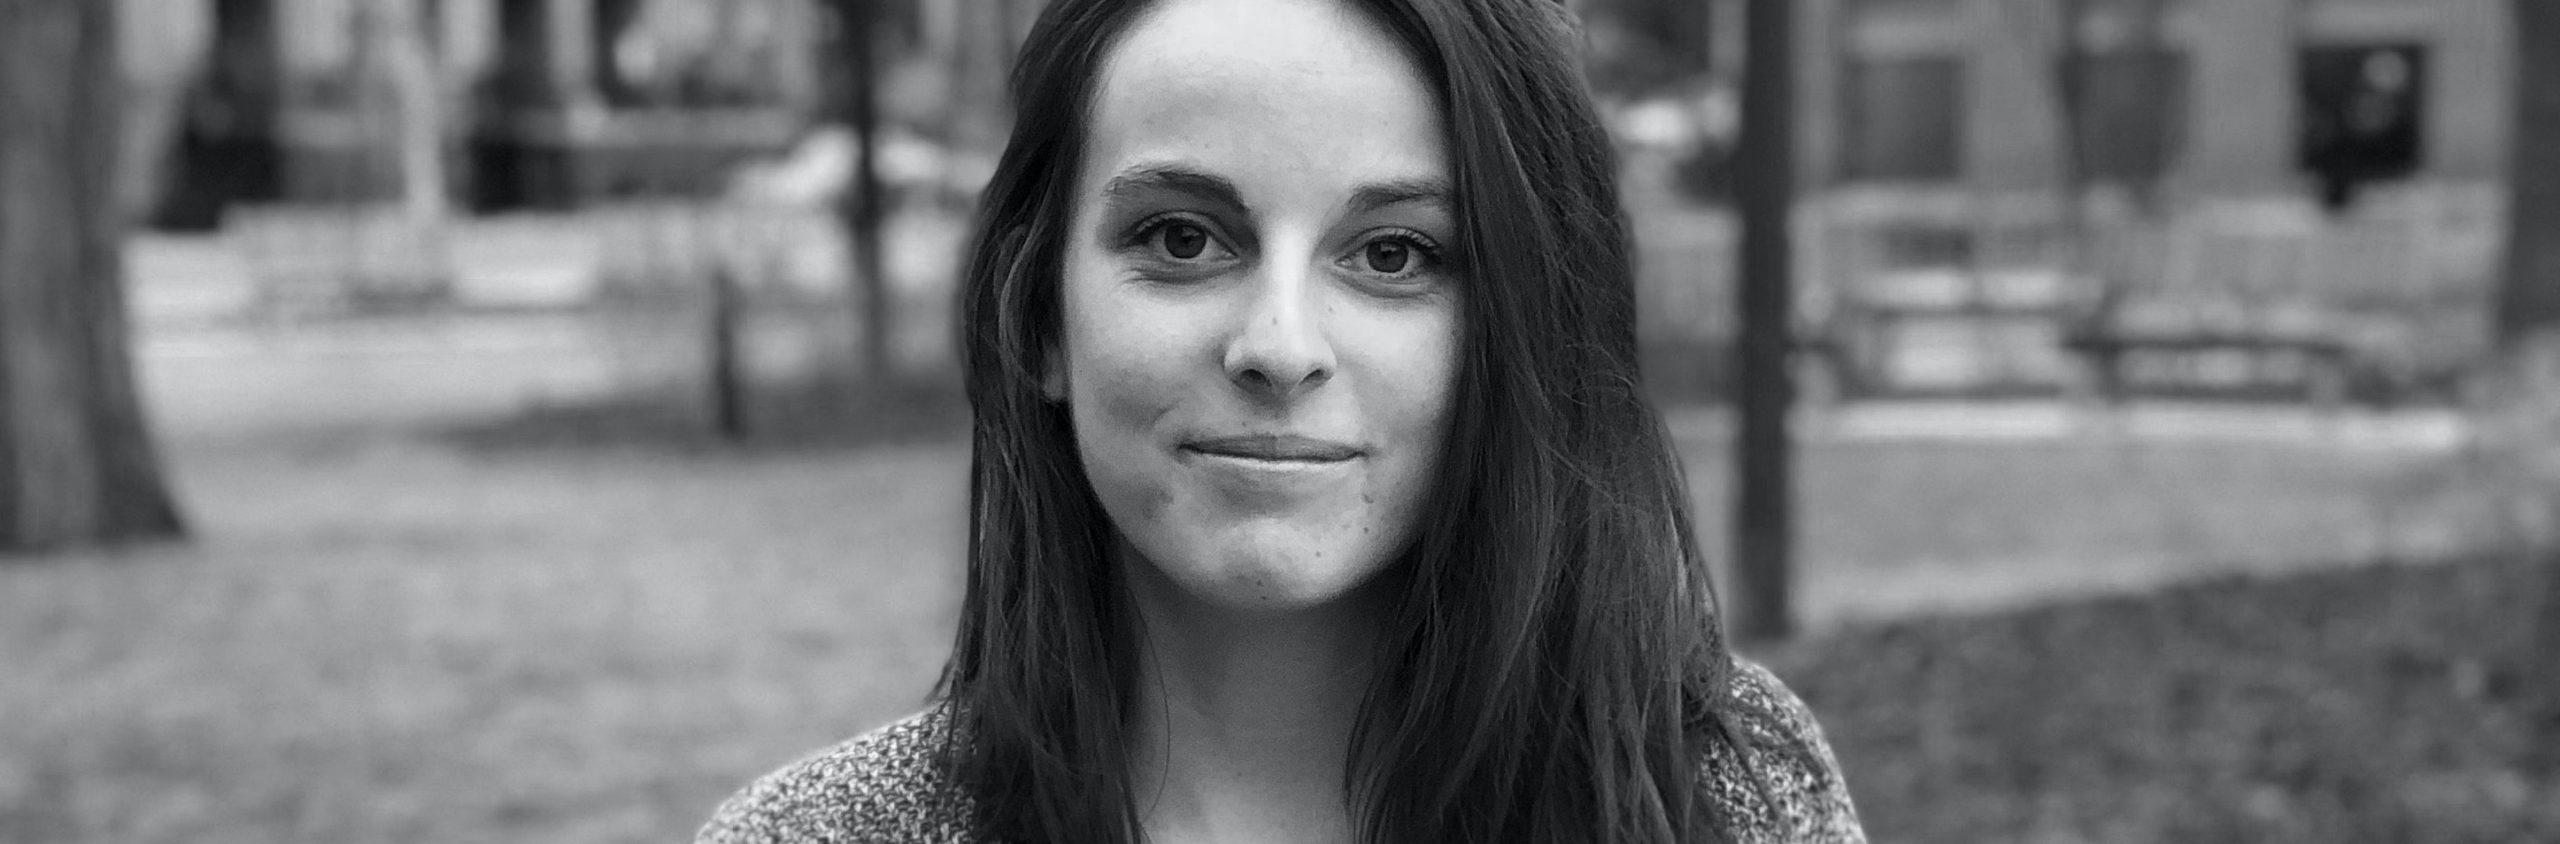 Cristina Wood featured image